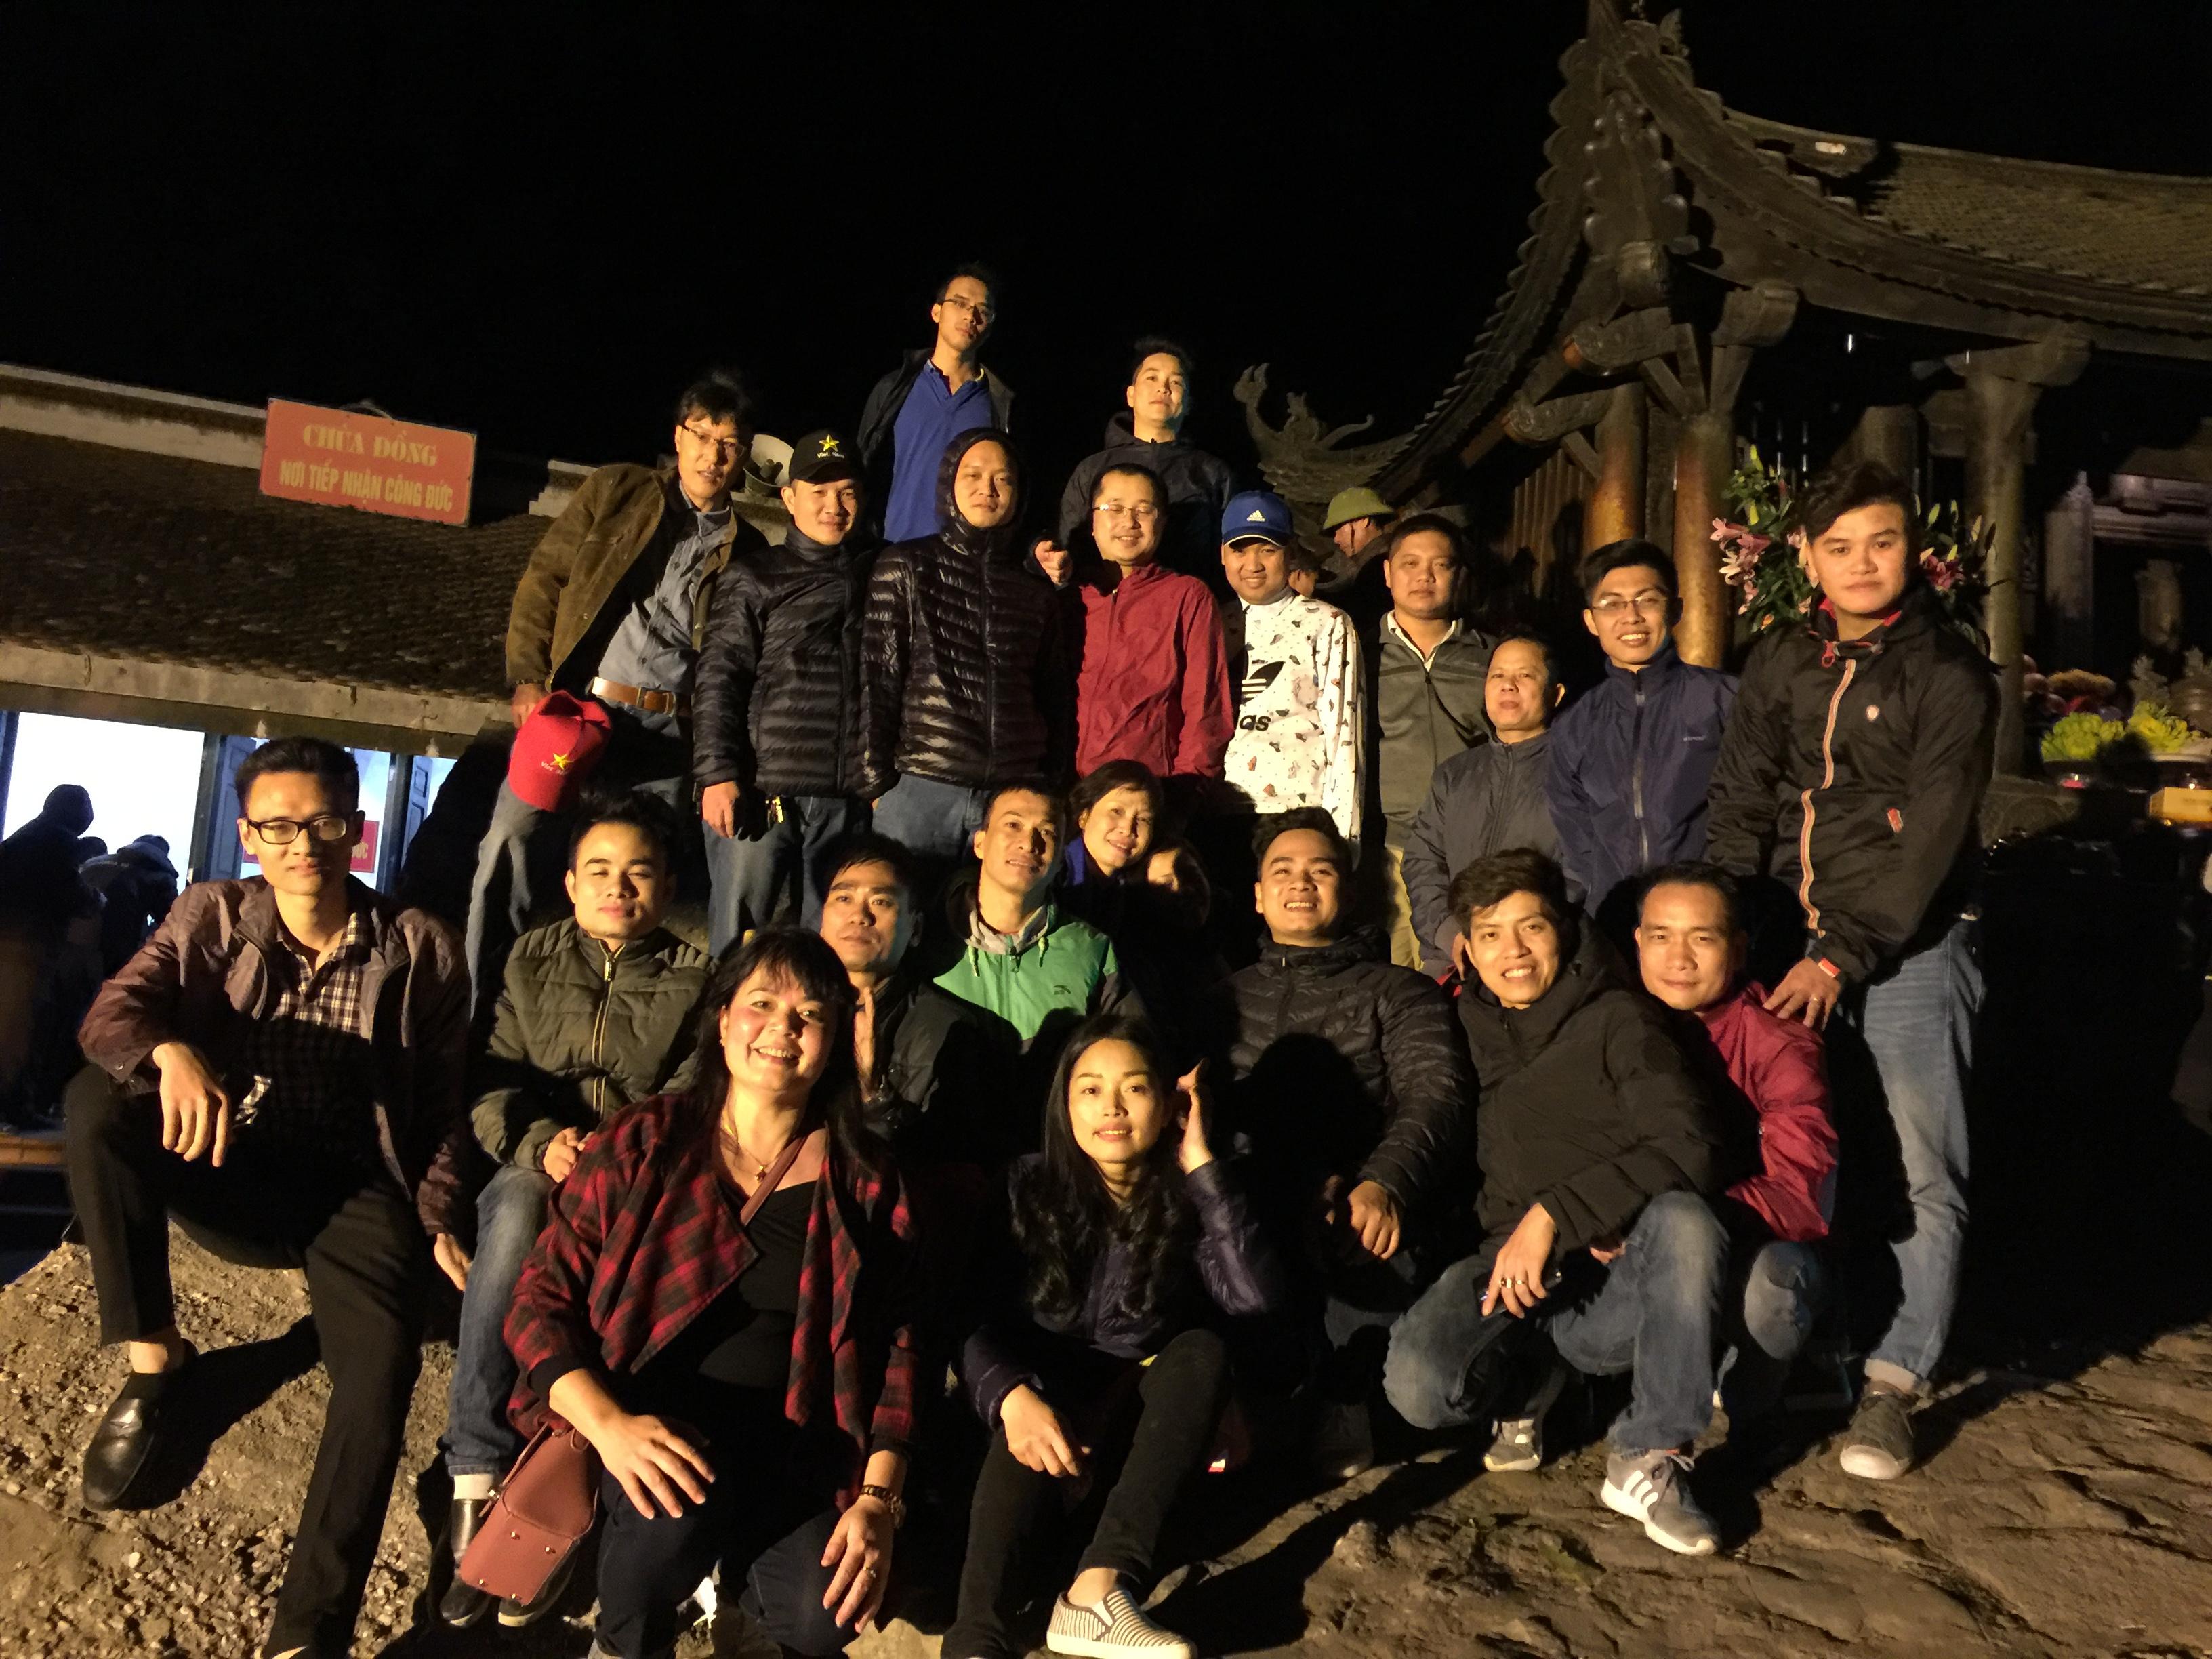 đi lễ đầu năm hyundai bắc việt [xehyundaibacviet.com] (1)